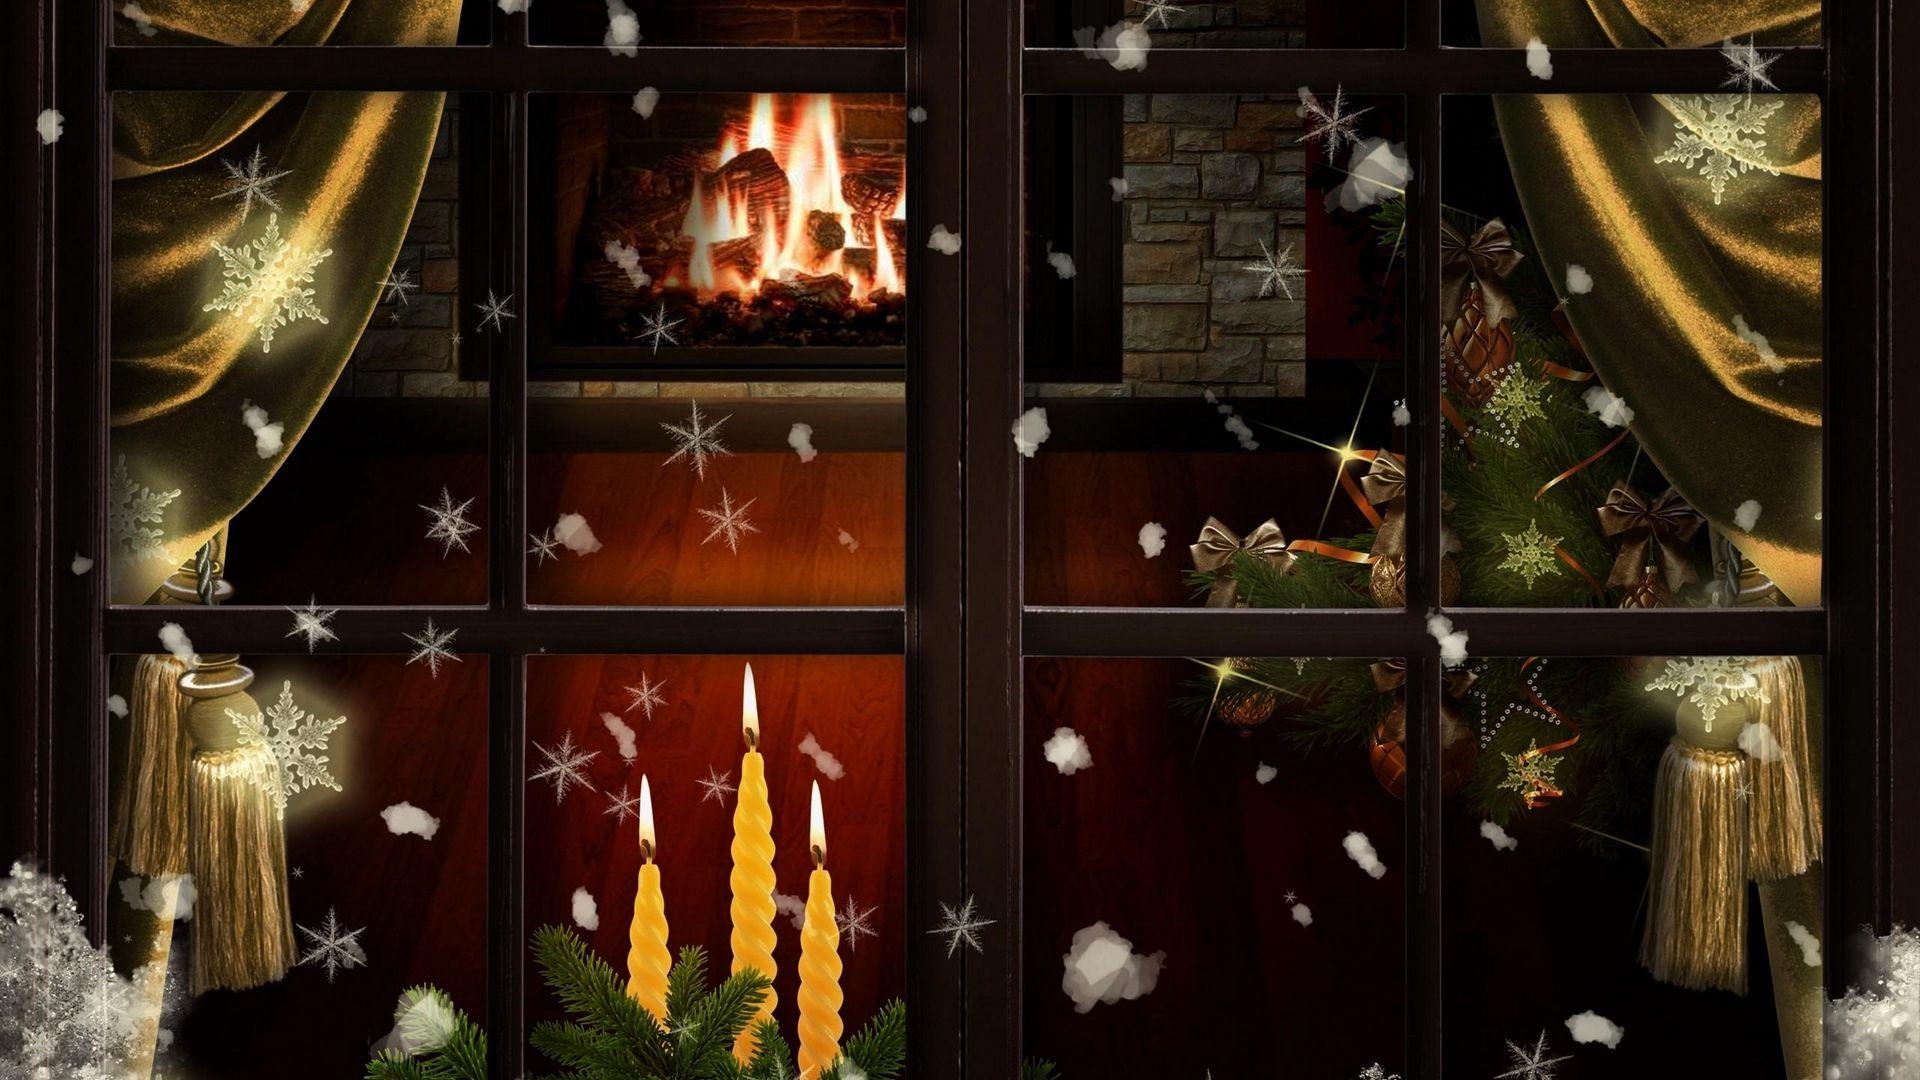 Christmas Fireplace Comfort Pic